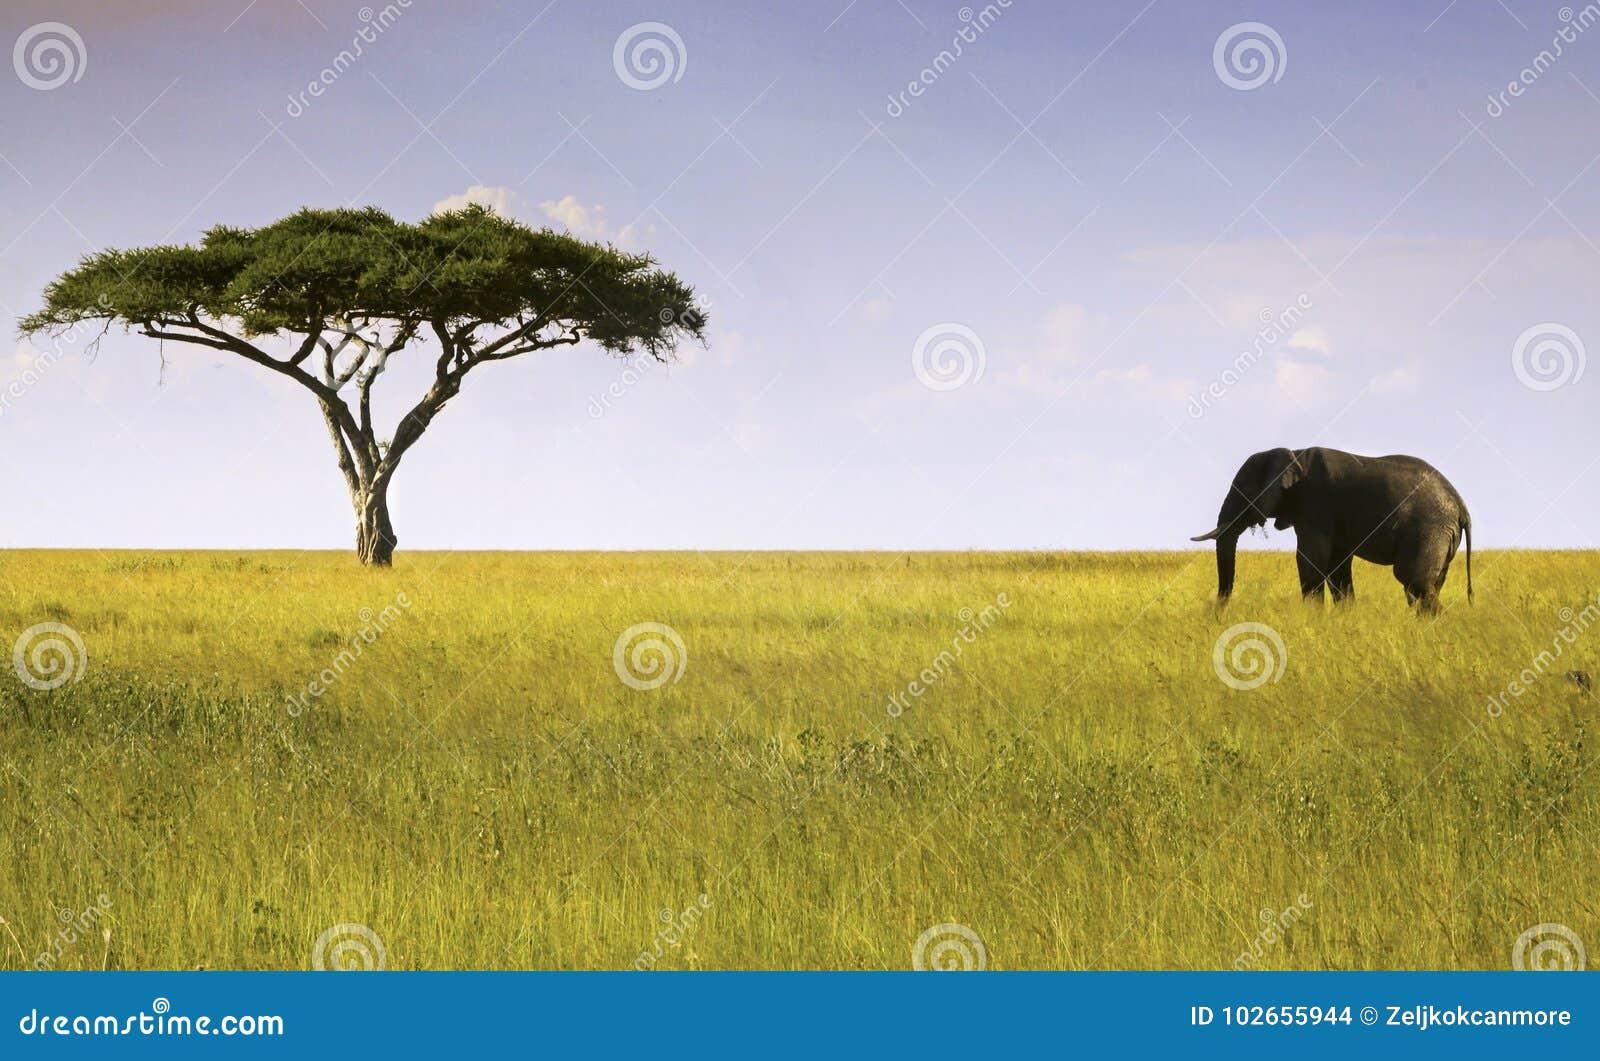 Εθνικό πάρκο Serengeti δέντρων ελεφάντων και ακακιών